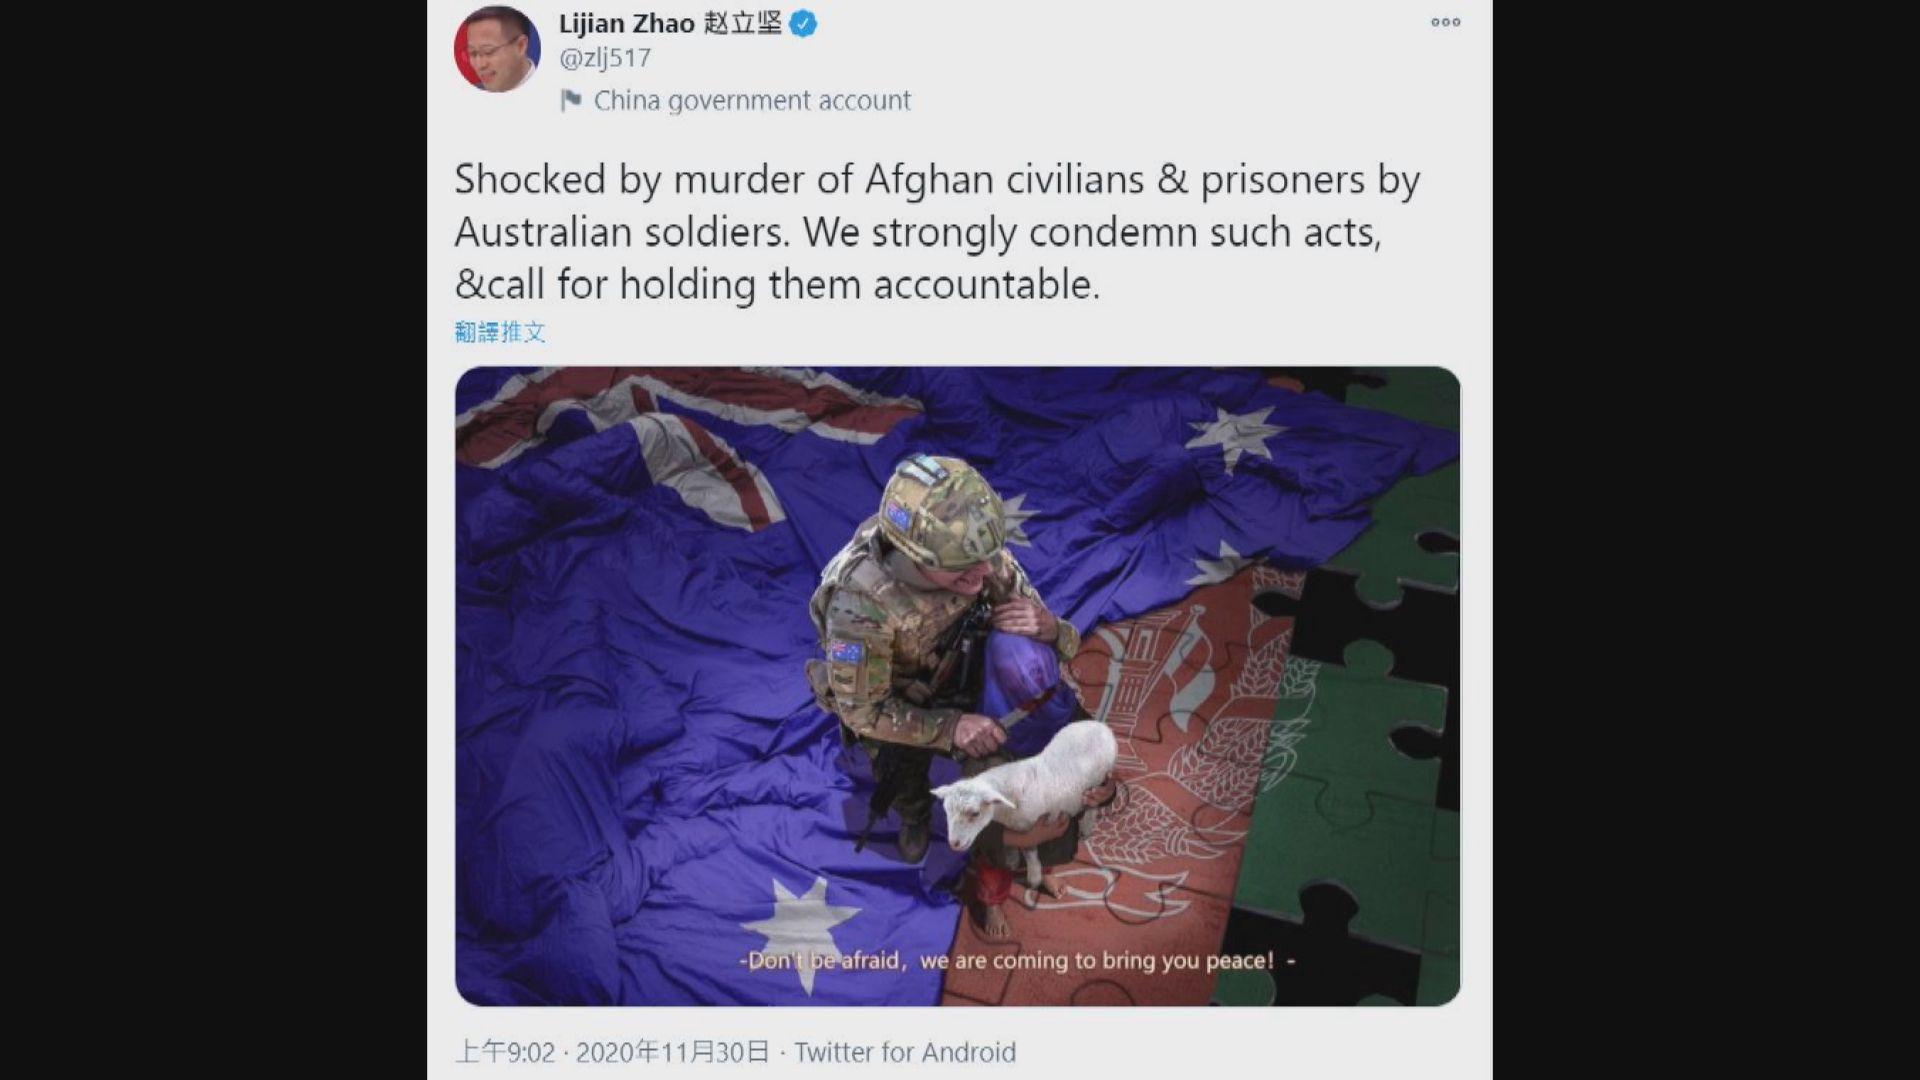 澳洲要求中方就「虛假圖片」道歉 中指澳應反思軍人殺害平民事件